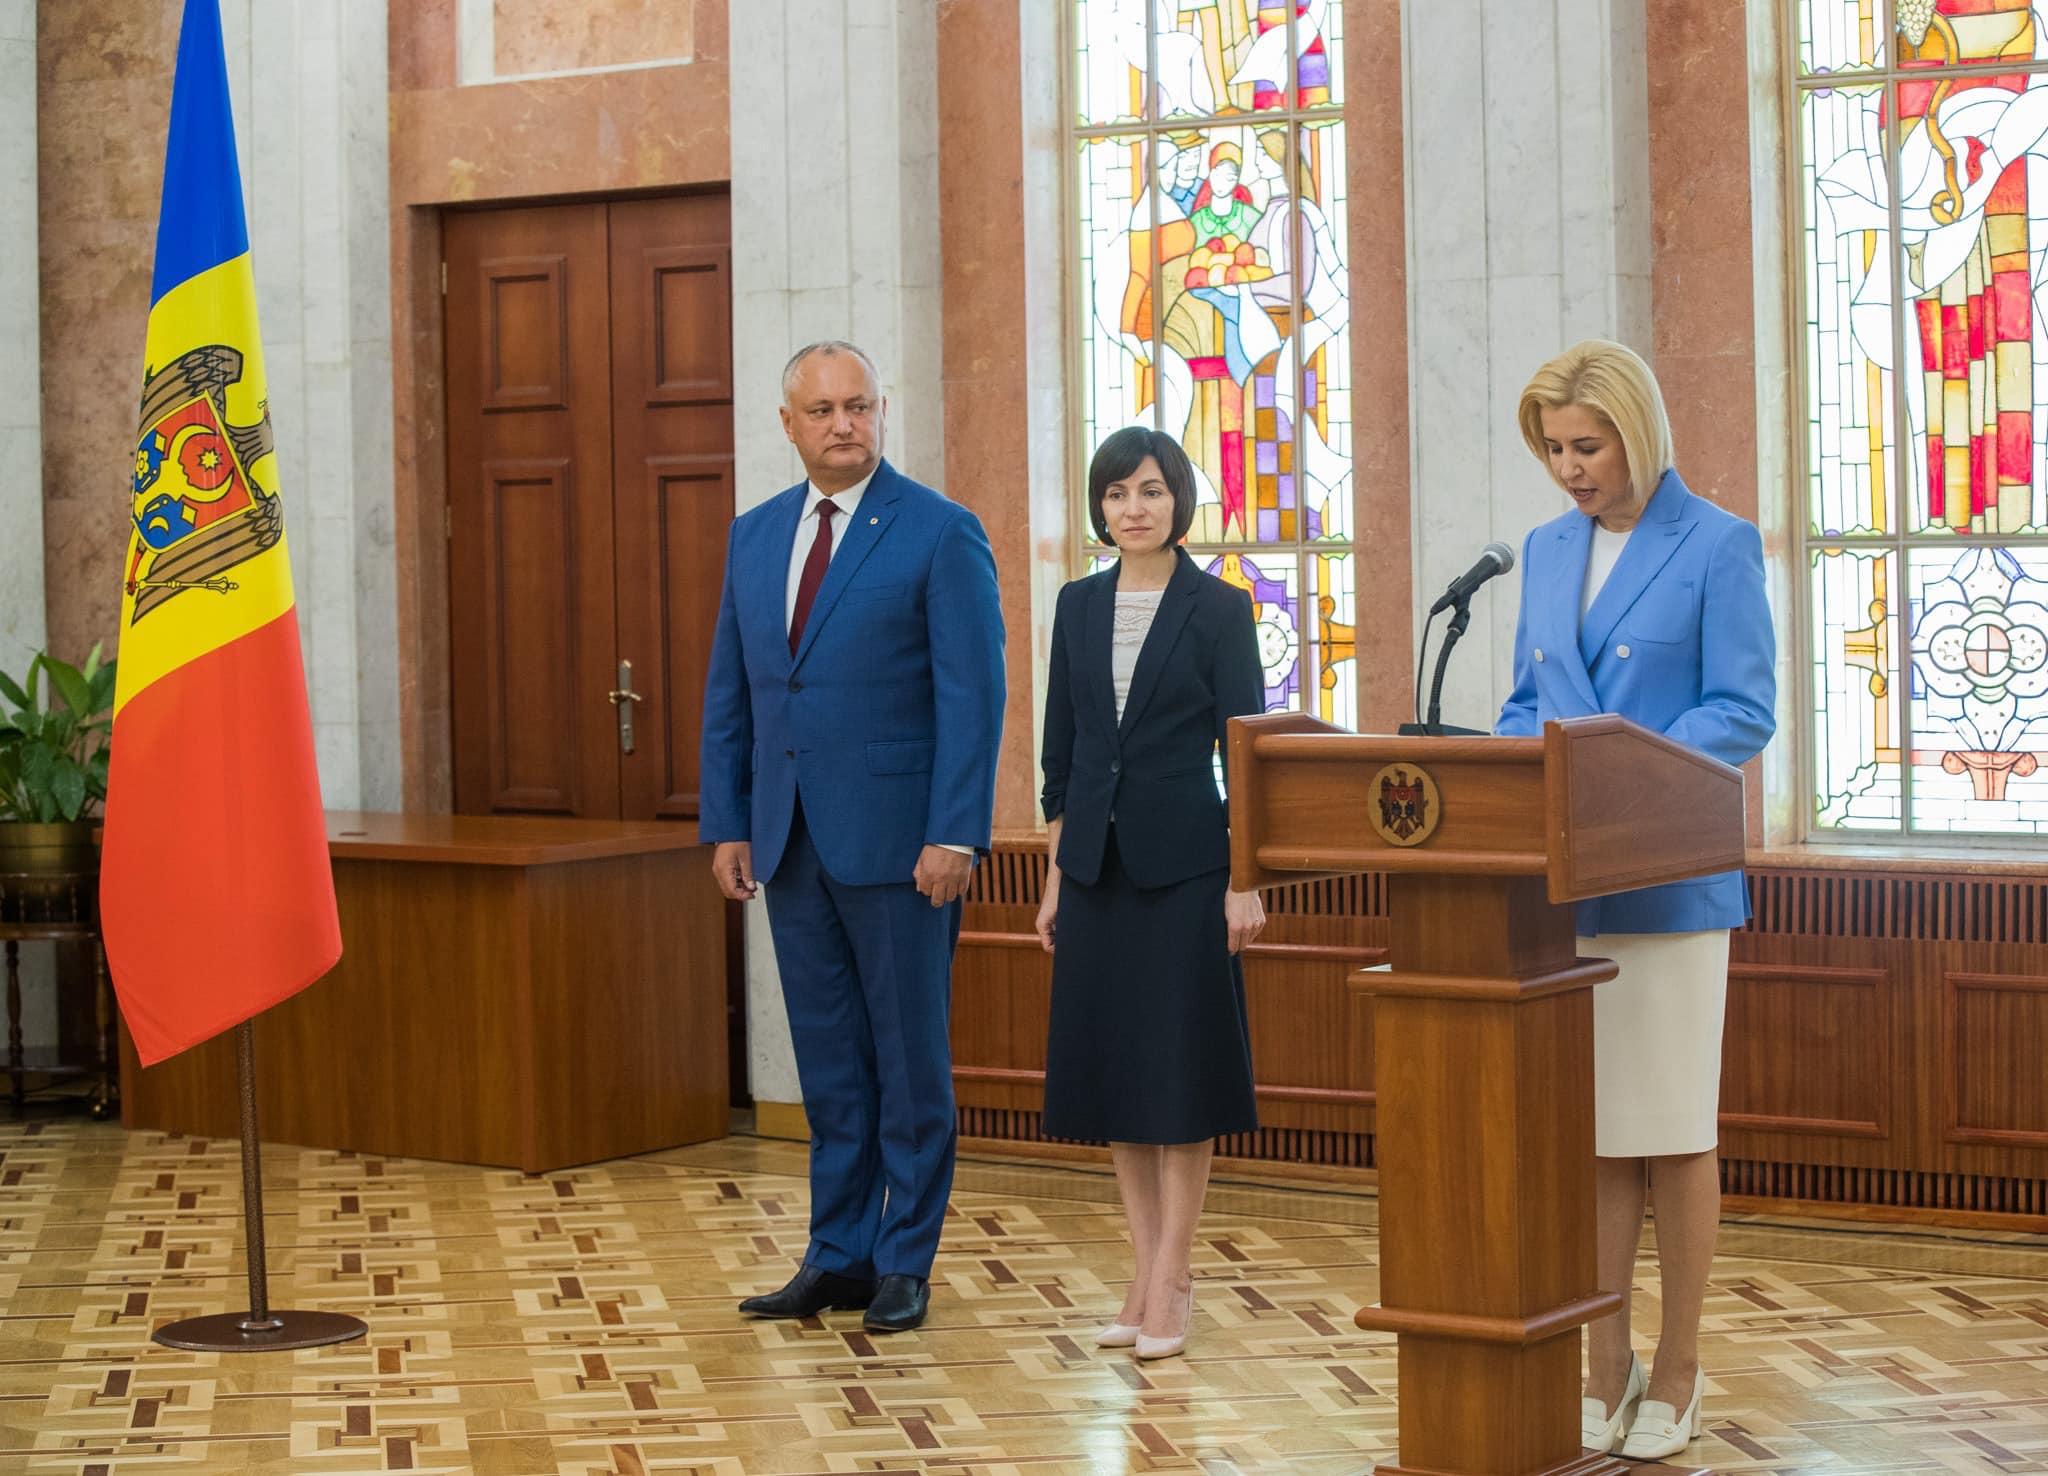 Ирина Влах принесла присягу в качестве члена Правительства РМ (ВИДЕО, ФОТО)